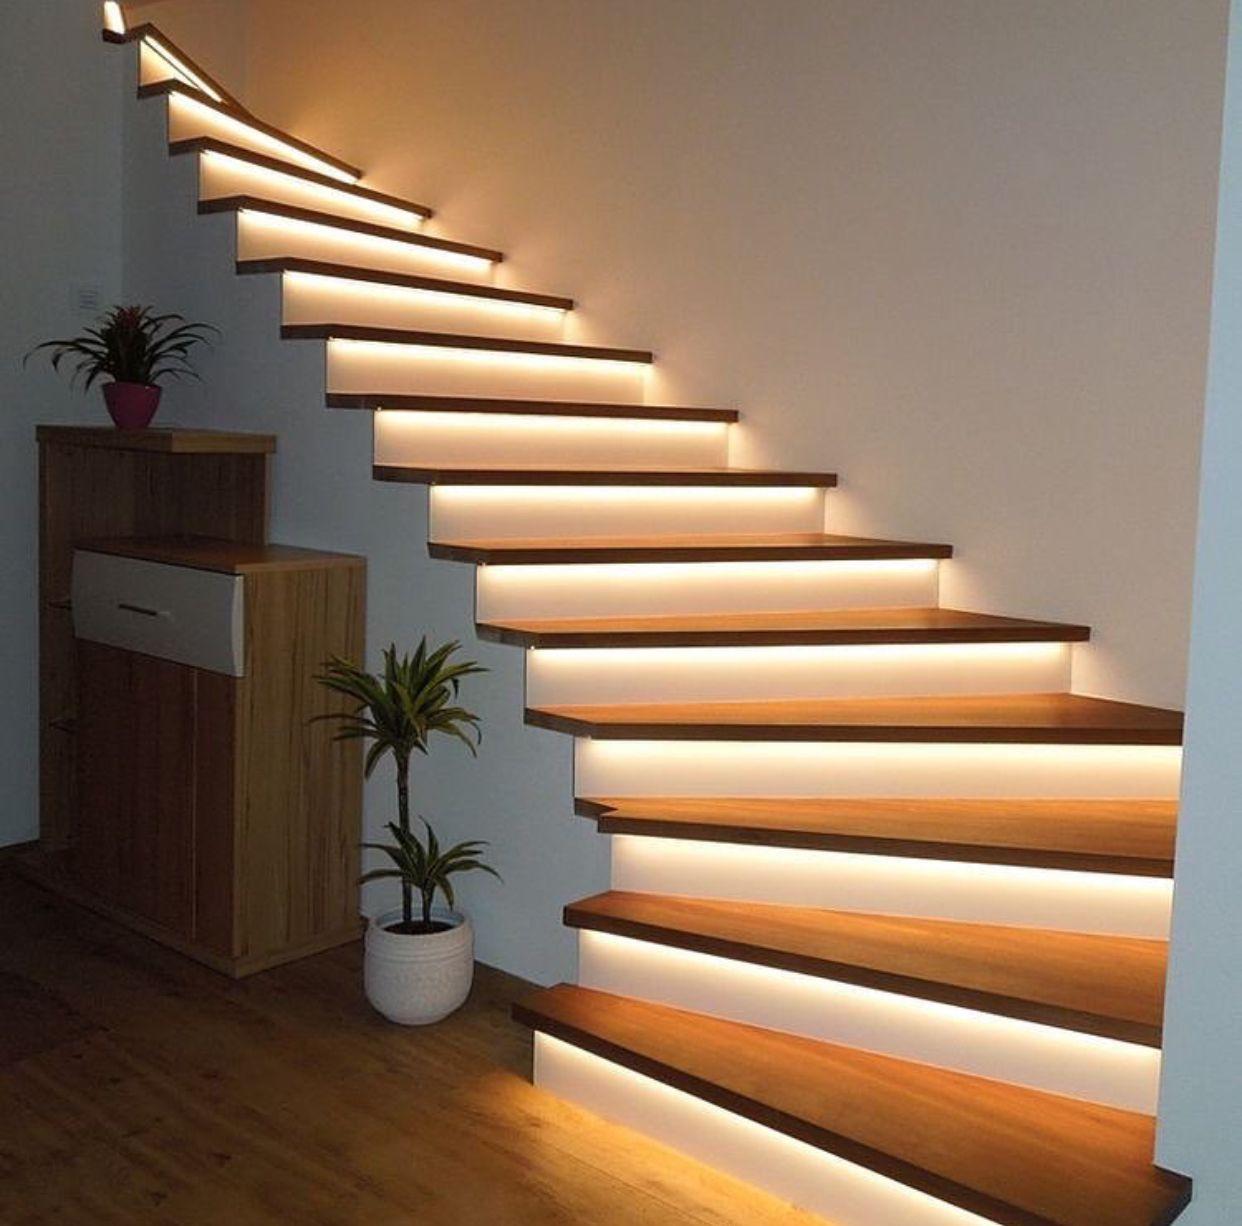 Besessen Von Diesen Modernen Treppen Besessen Diesen Modernen Treppen Moderne Treppen Luxus Moderne Hauser Treppen Design